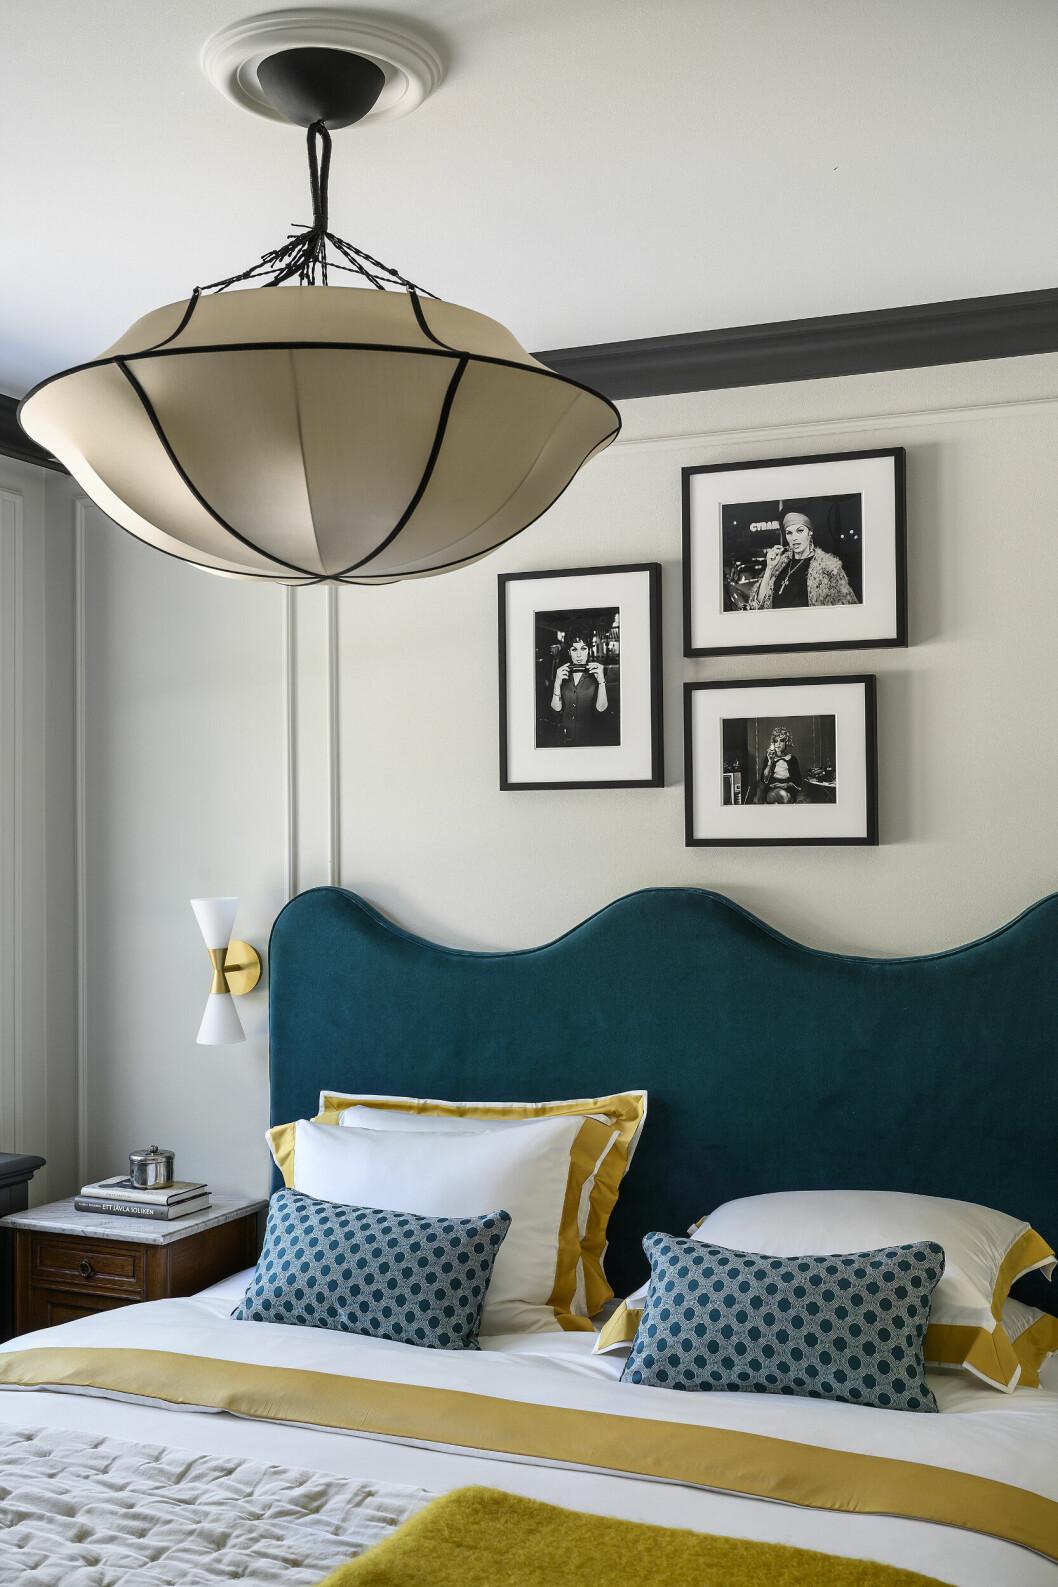 Den centrerade lampan över sängen och de fantastiska kuddarna gör verkligen att gästrummet känns inbjudande och lyxigt.